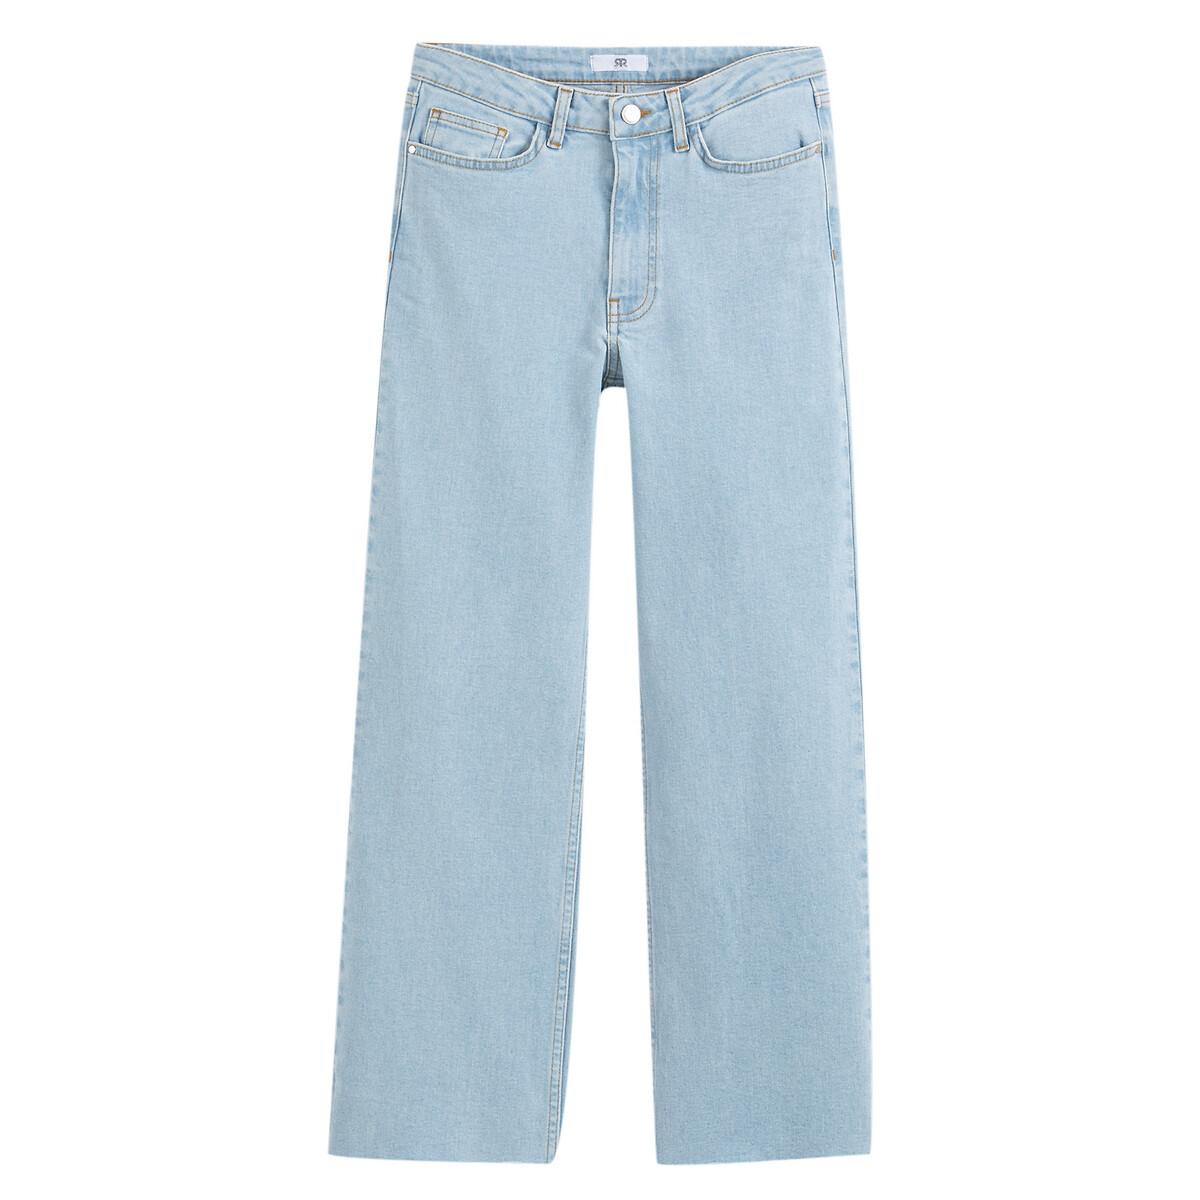 Джинсы-кюлоты LaRedoute La Redoute 44 (FR) - 50 (RUS) синий джинсы la redoute ультра прочные 7 синий